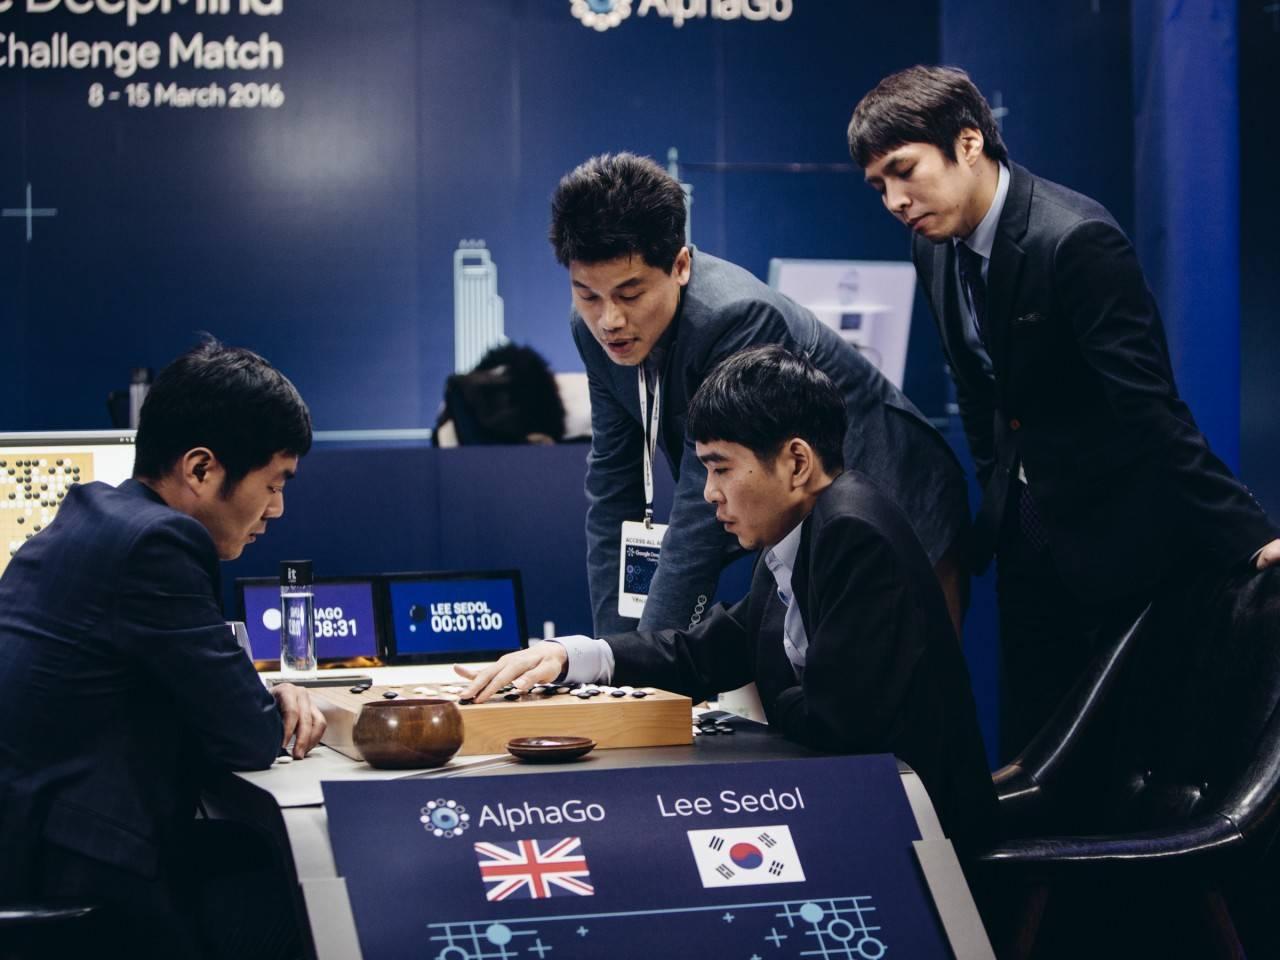 李世乭九段在韩国迎战AlphaGo